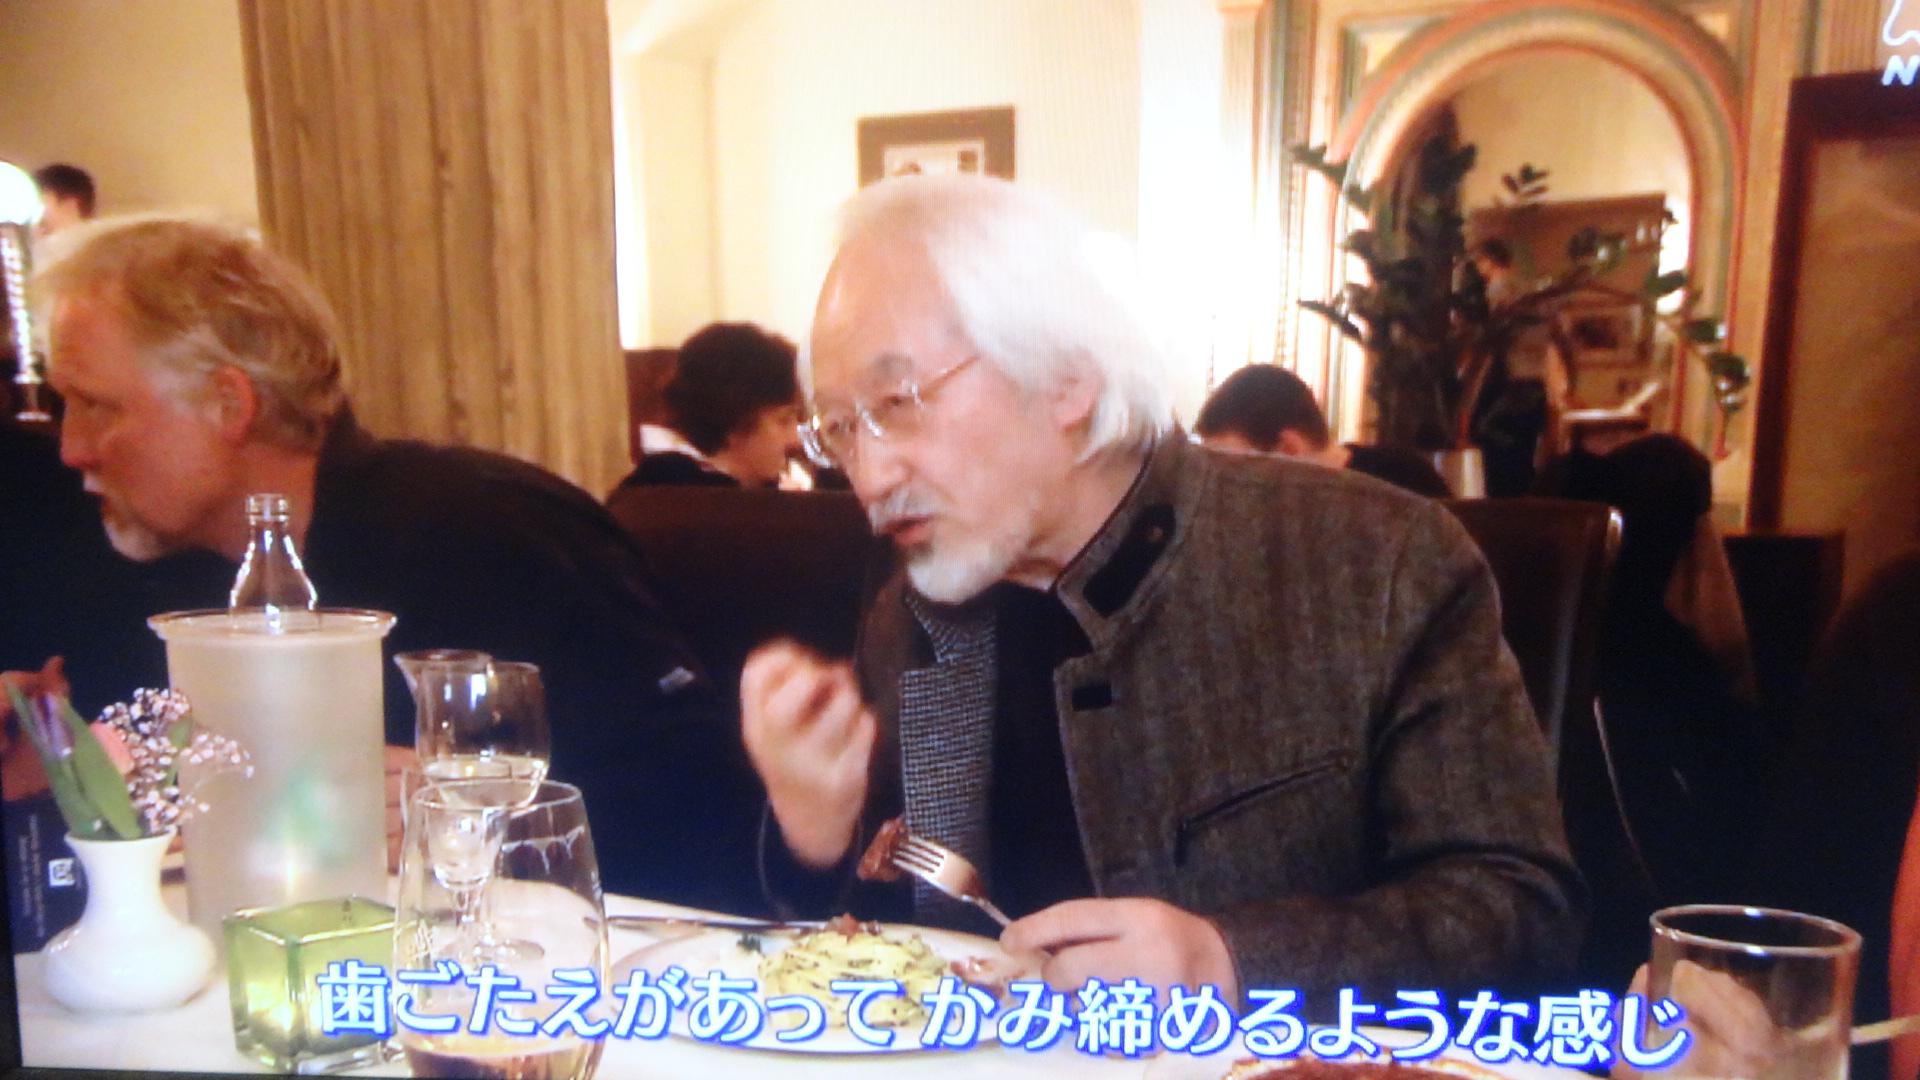 レストランで語りながら食事する鈴木さん